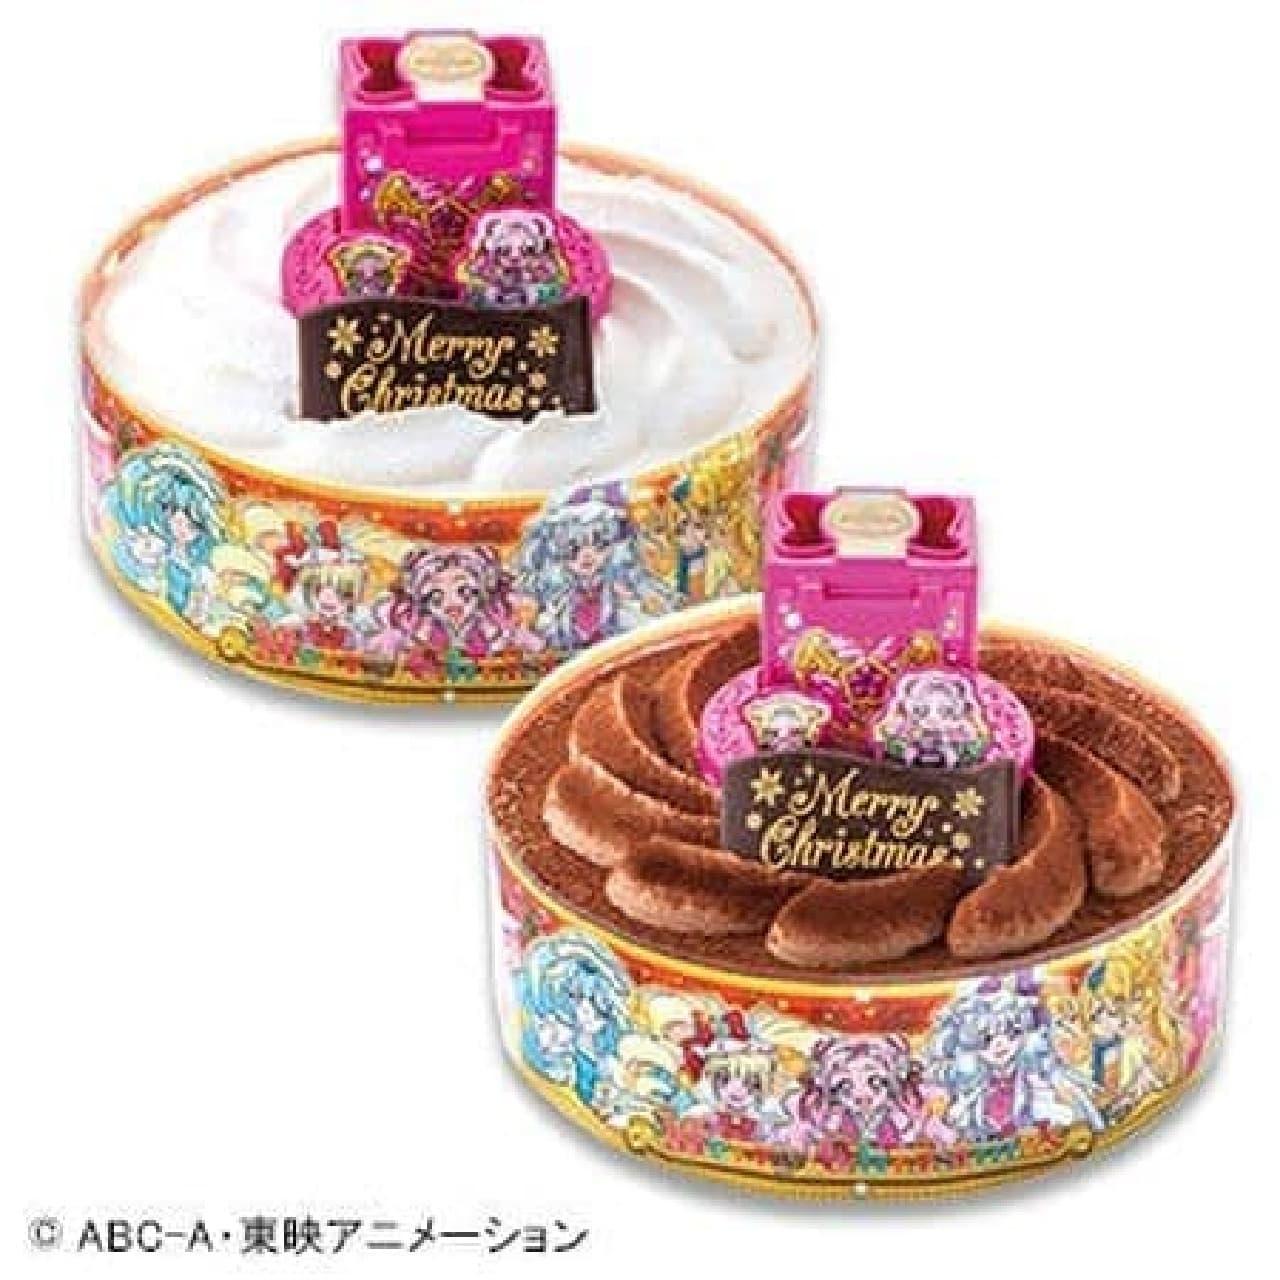 不二家「キャラデコクリスマス HUGっと!プリキュア チョコレートケーキ」